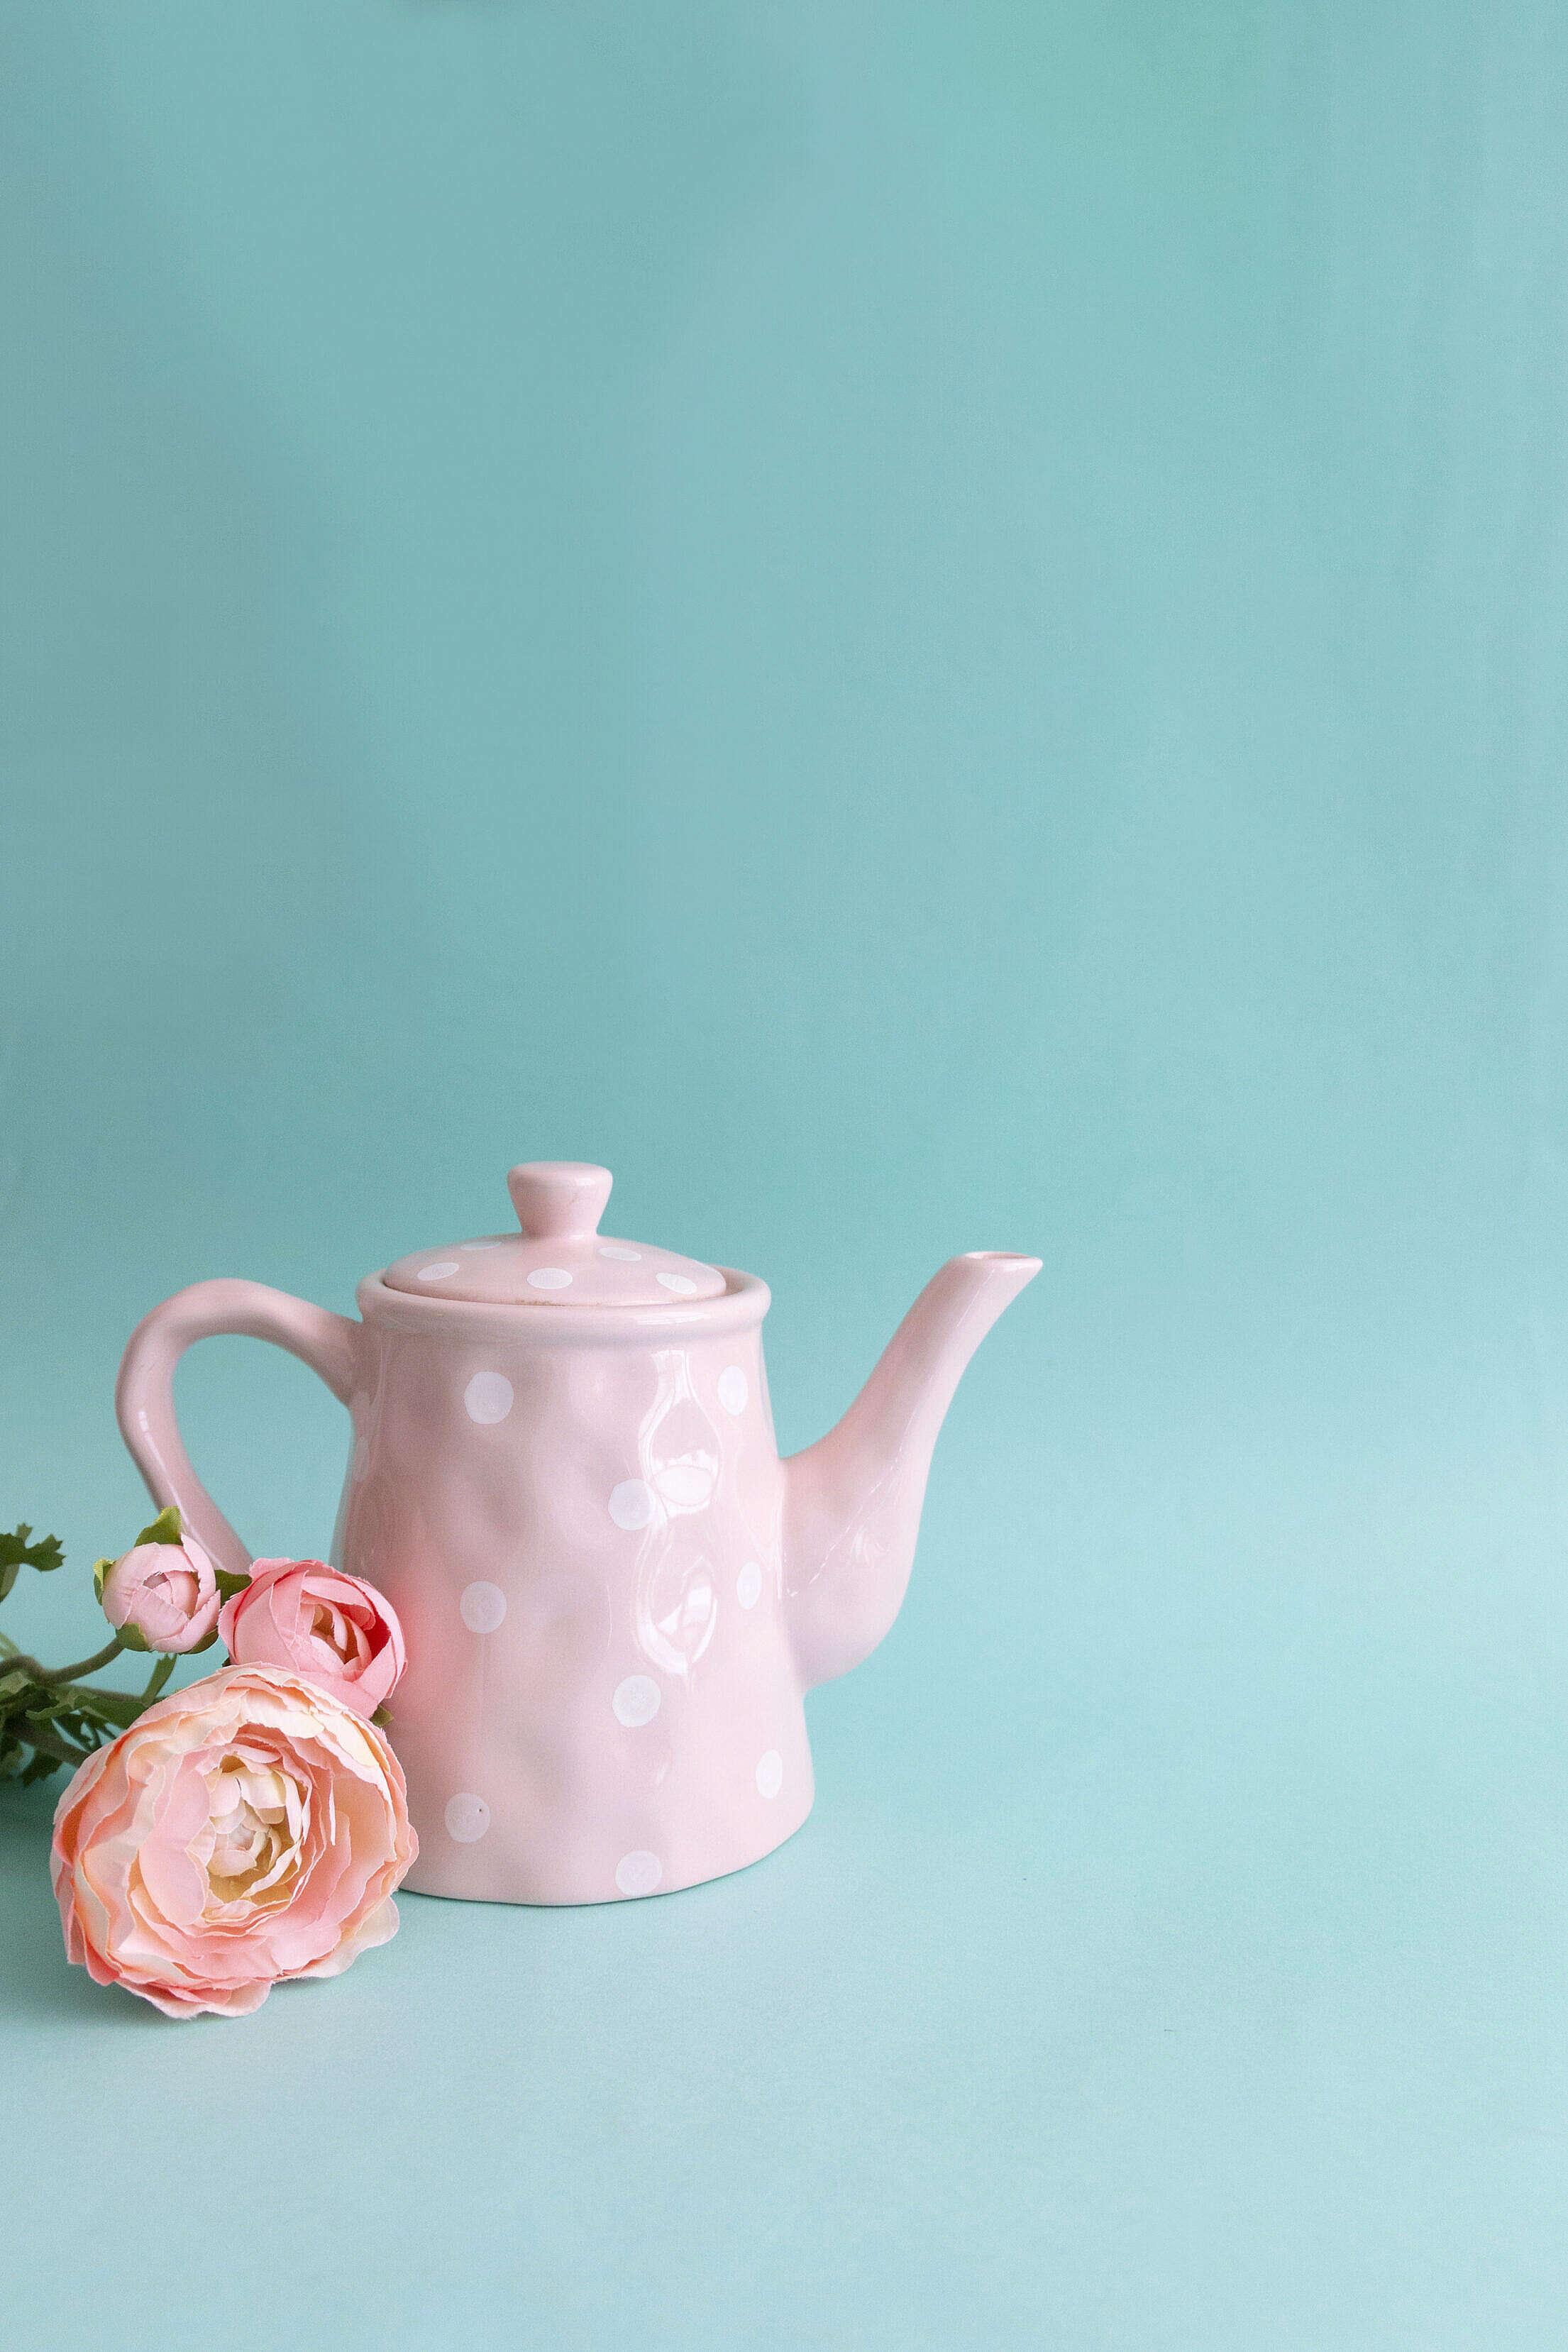 Colorful Vintage Teapot Tea Time Free Stock Photo